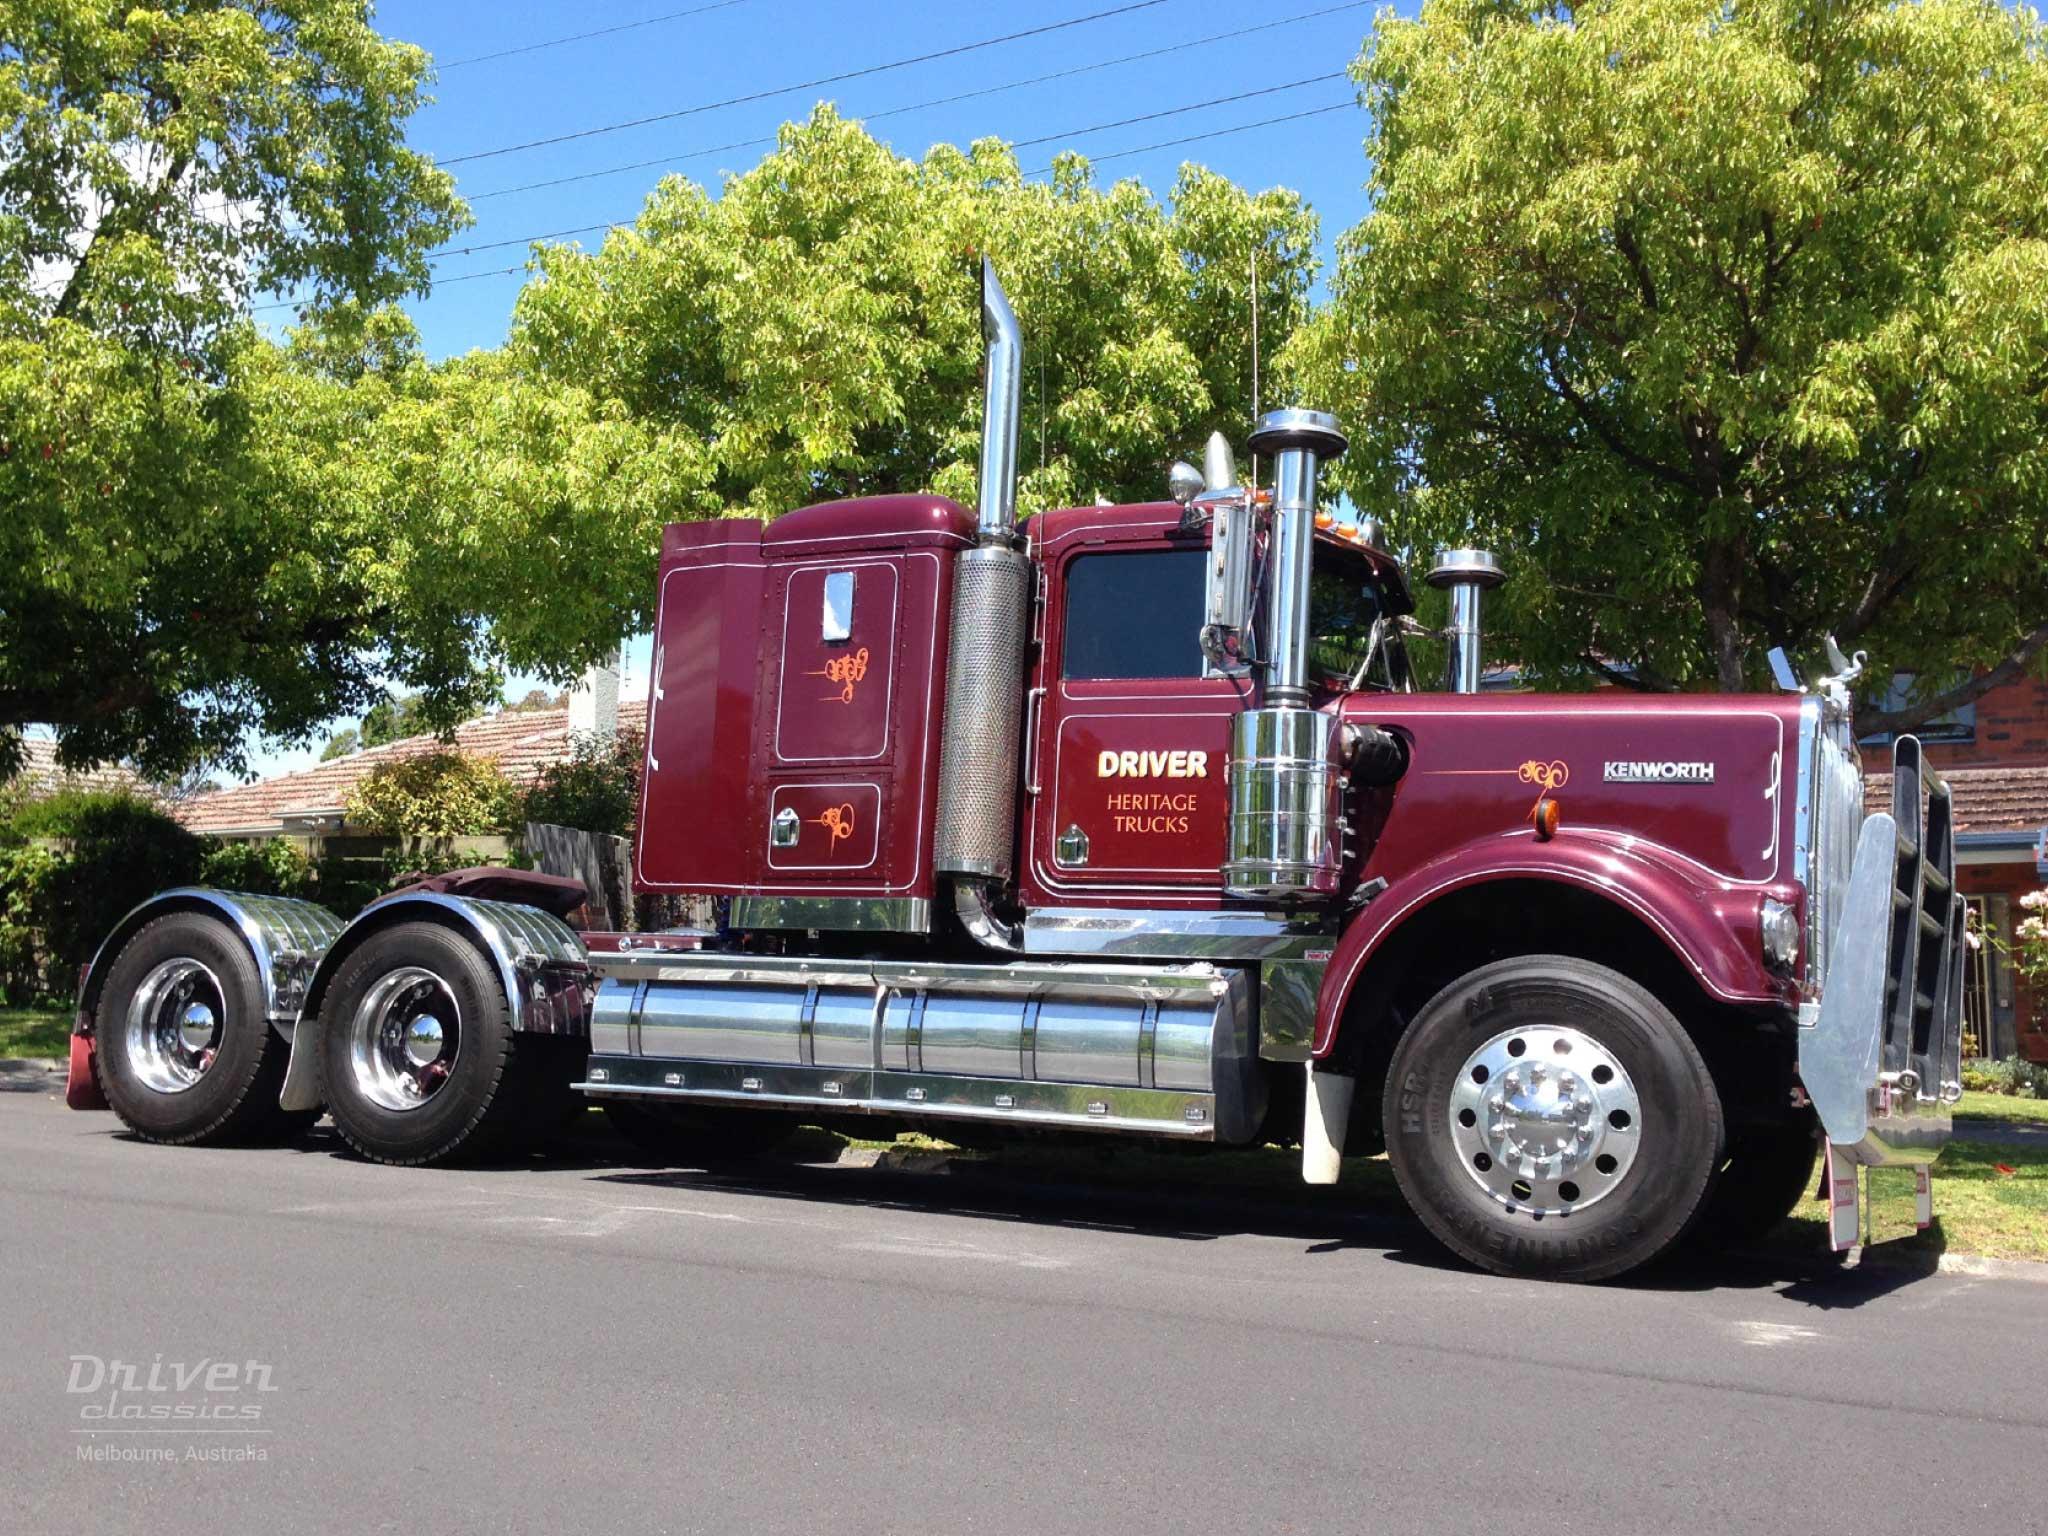 1986 Kenworth W925 truck